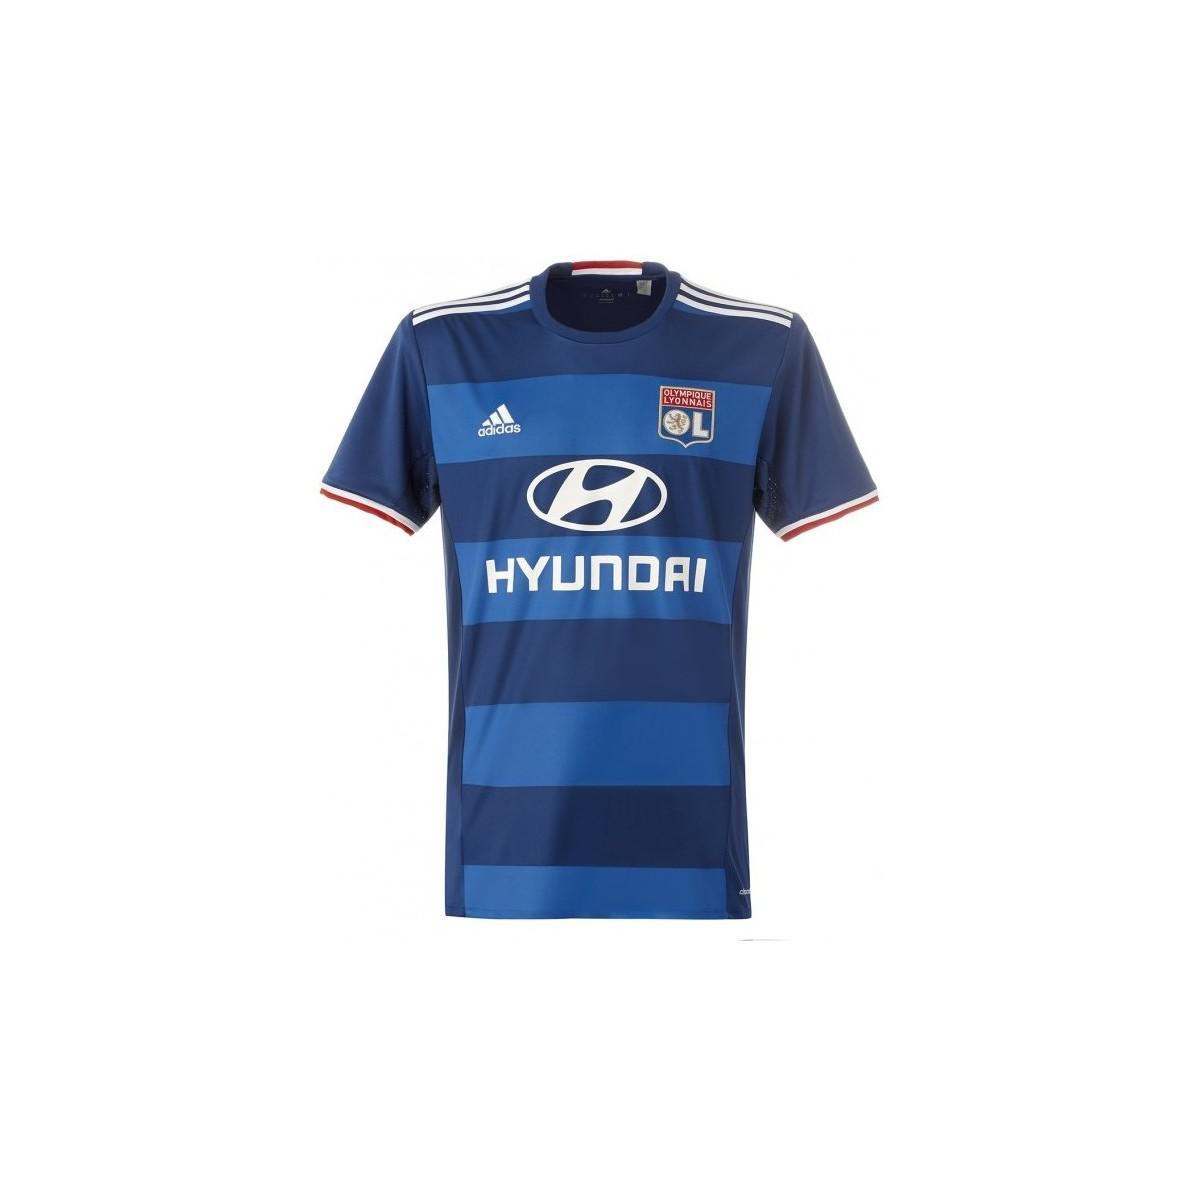 timeless design 93809 4a024 Adidas 2016-2017 Olympique Lyon Away Football Shirt Women's ...